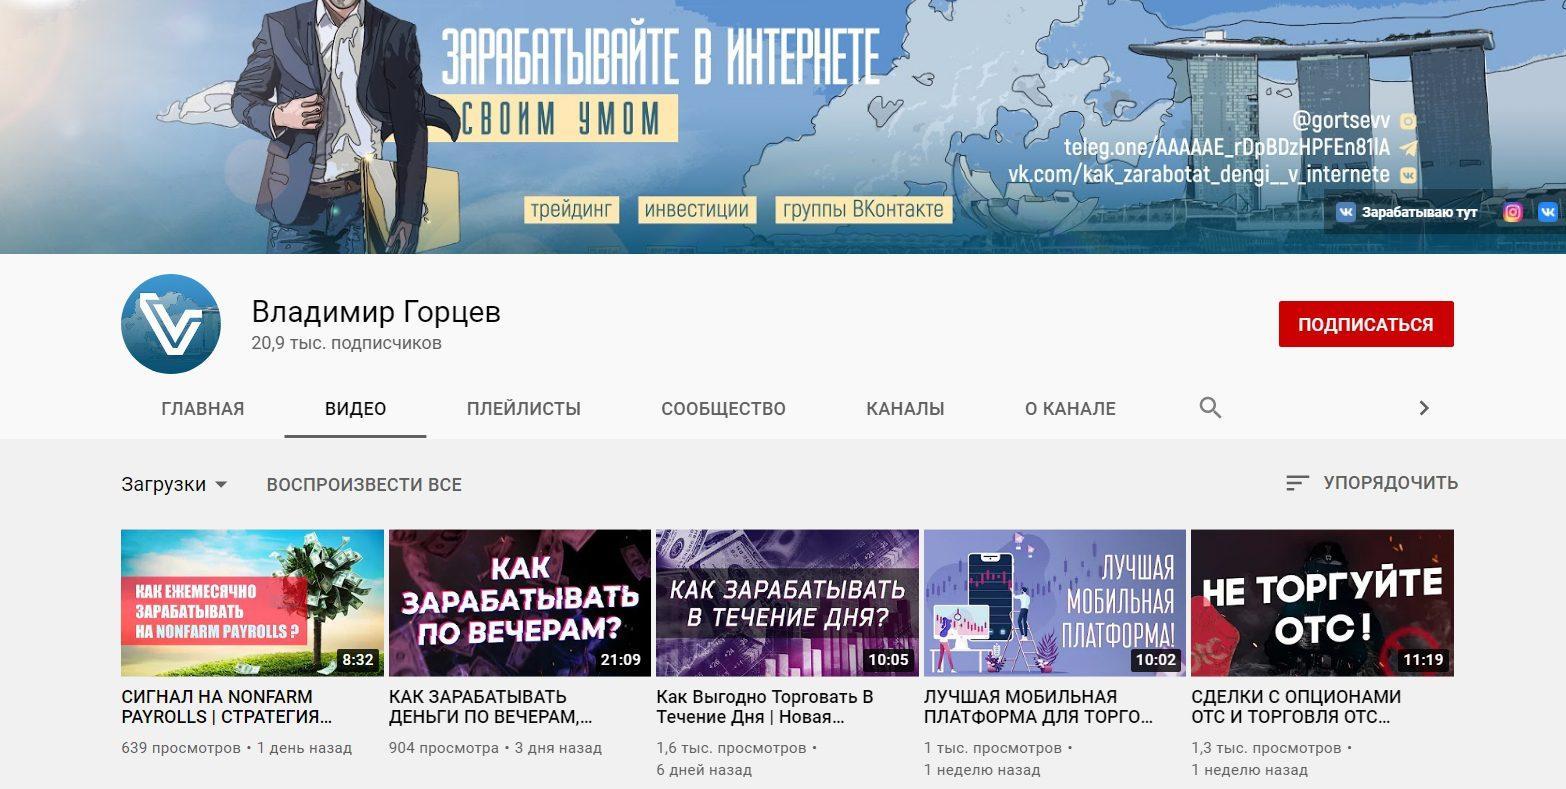 Ютуб-канал Владимира Горцева